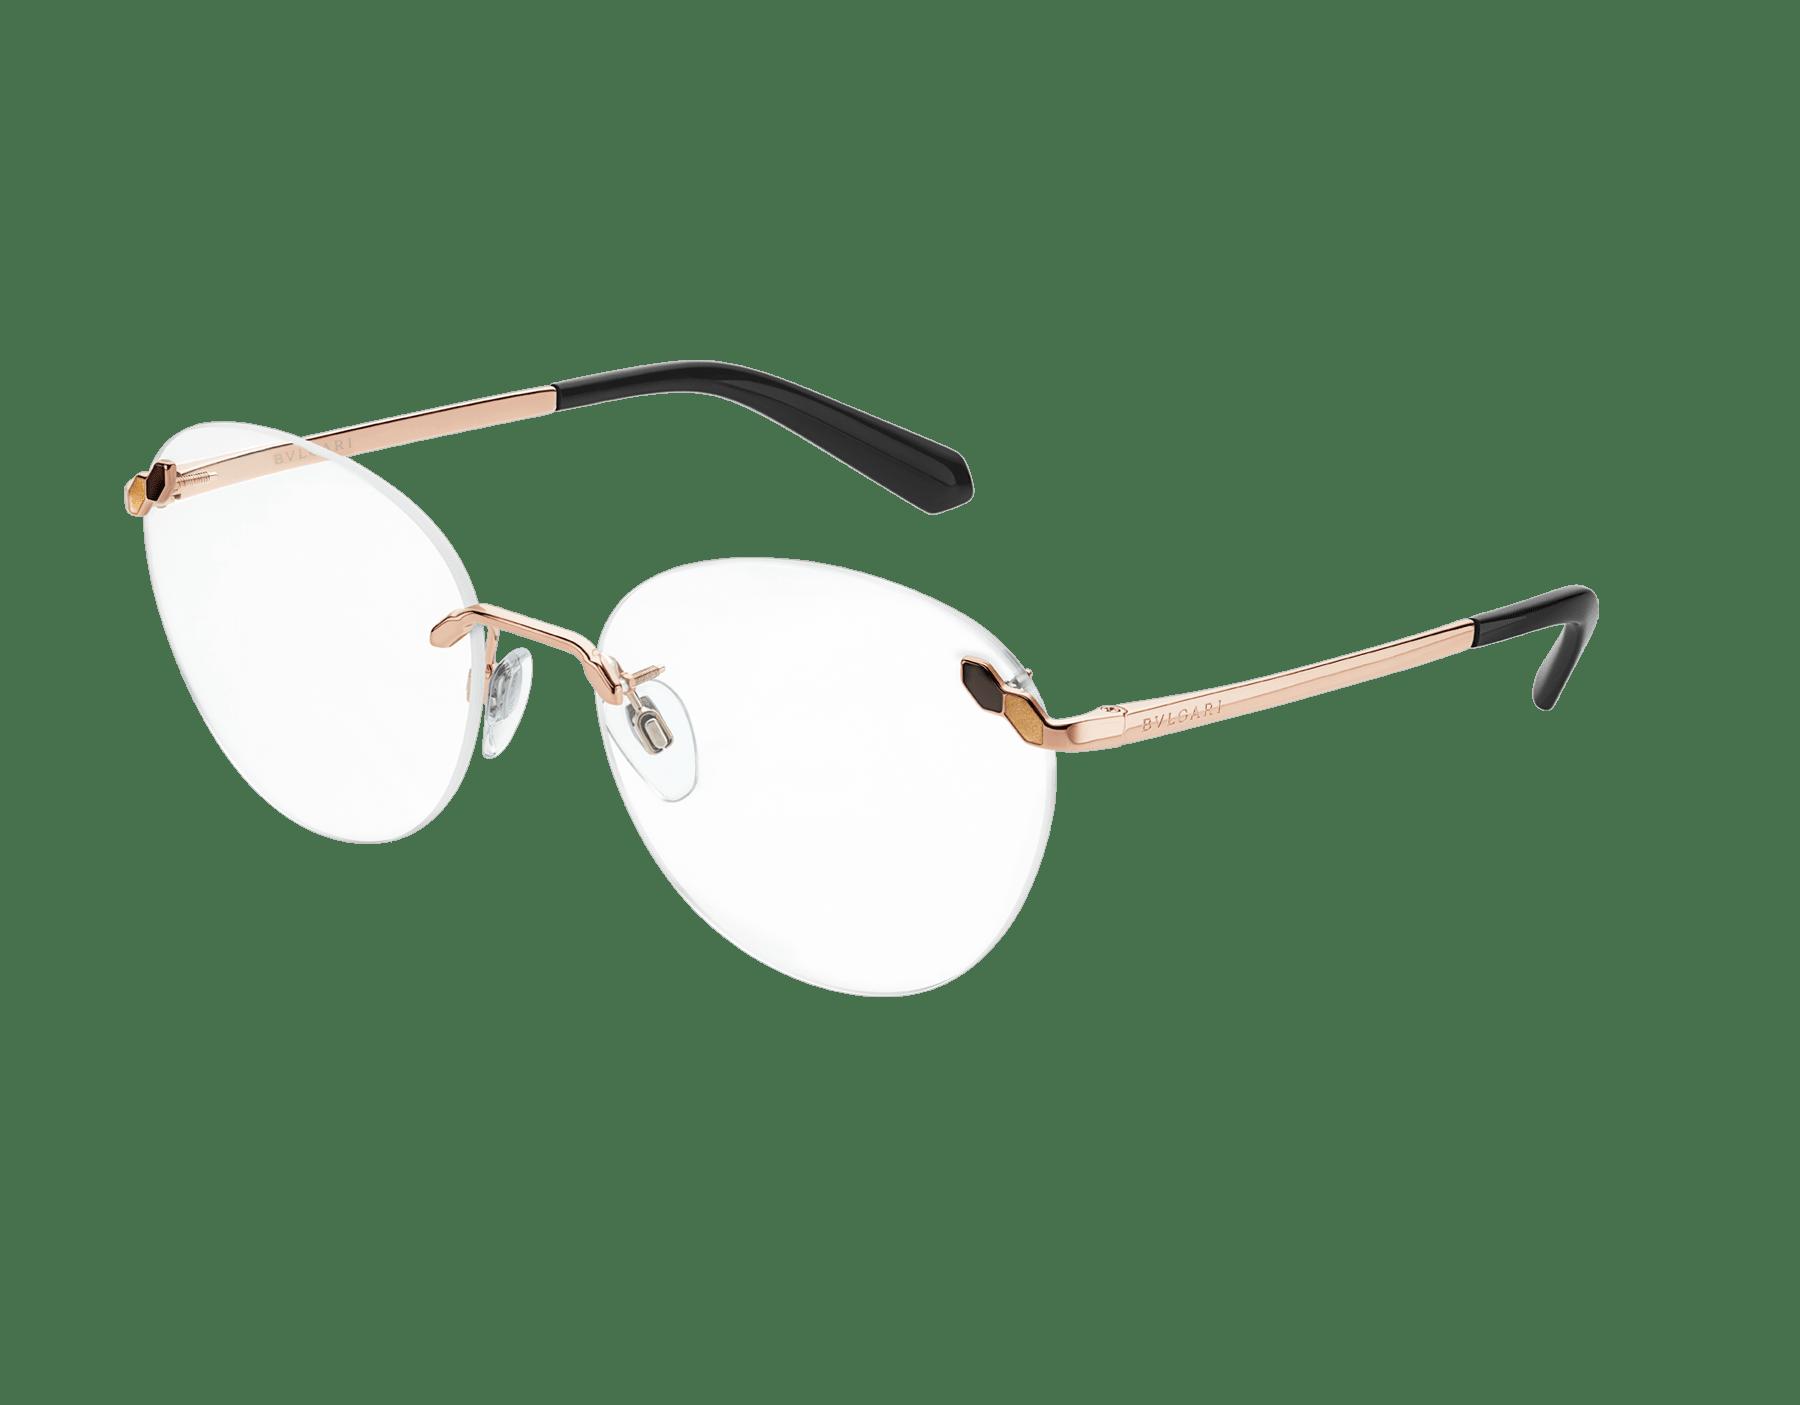 Bvlgari Serpenti round rimless glasses. 903879 image 1